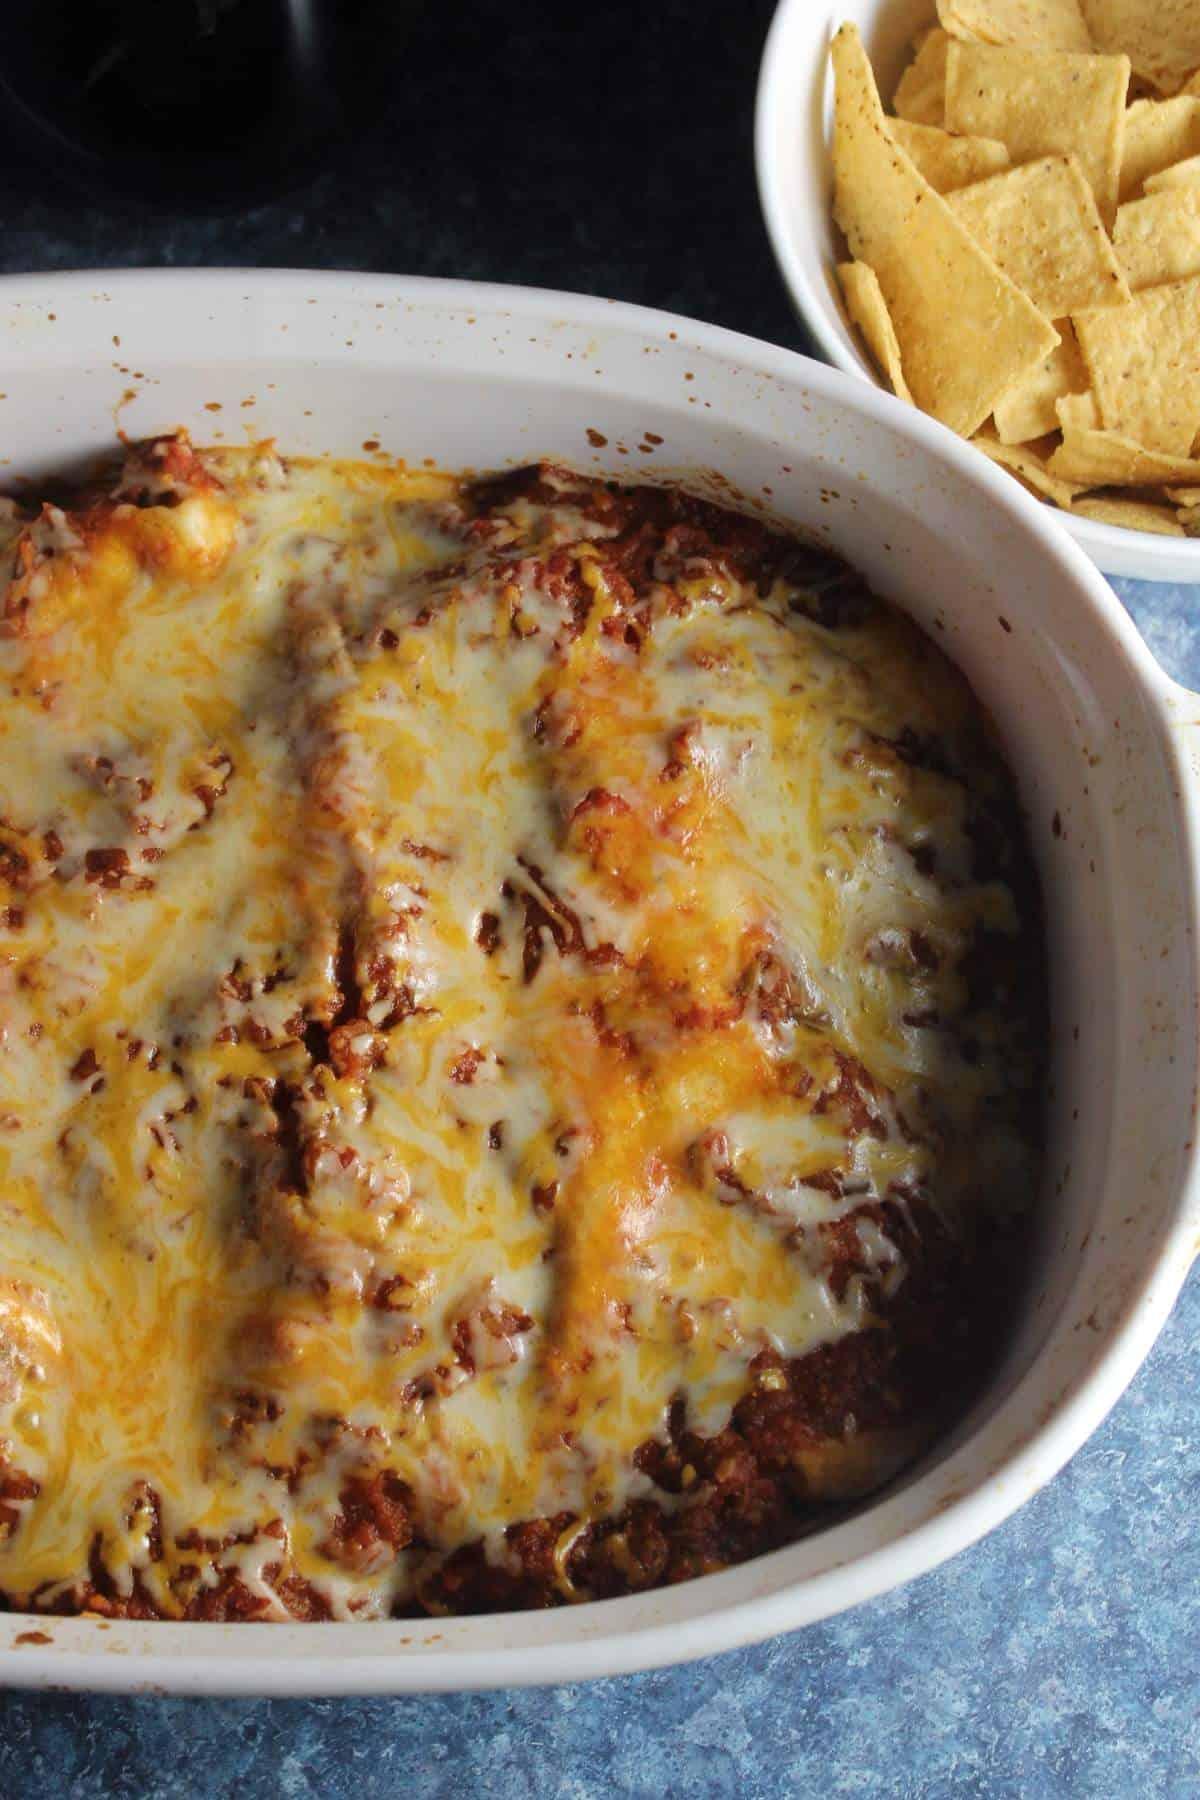 Ground turkey enchiladas in a baking dish, served with tortilla chips.